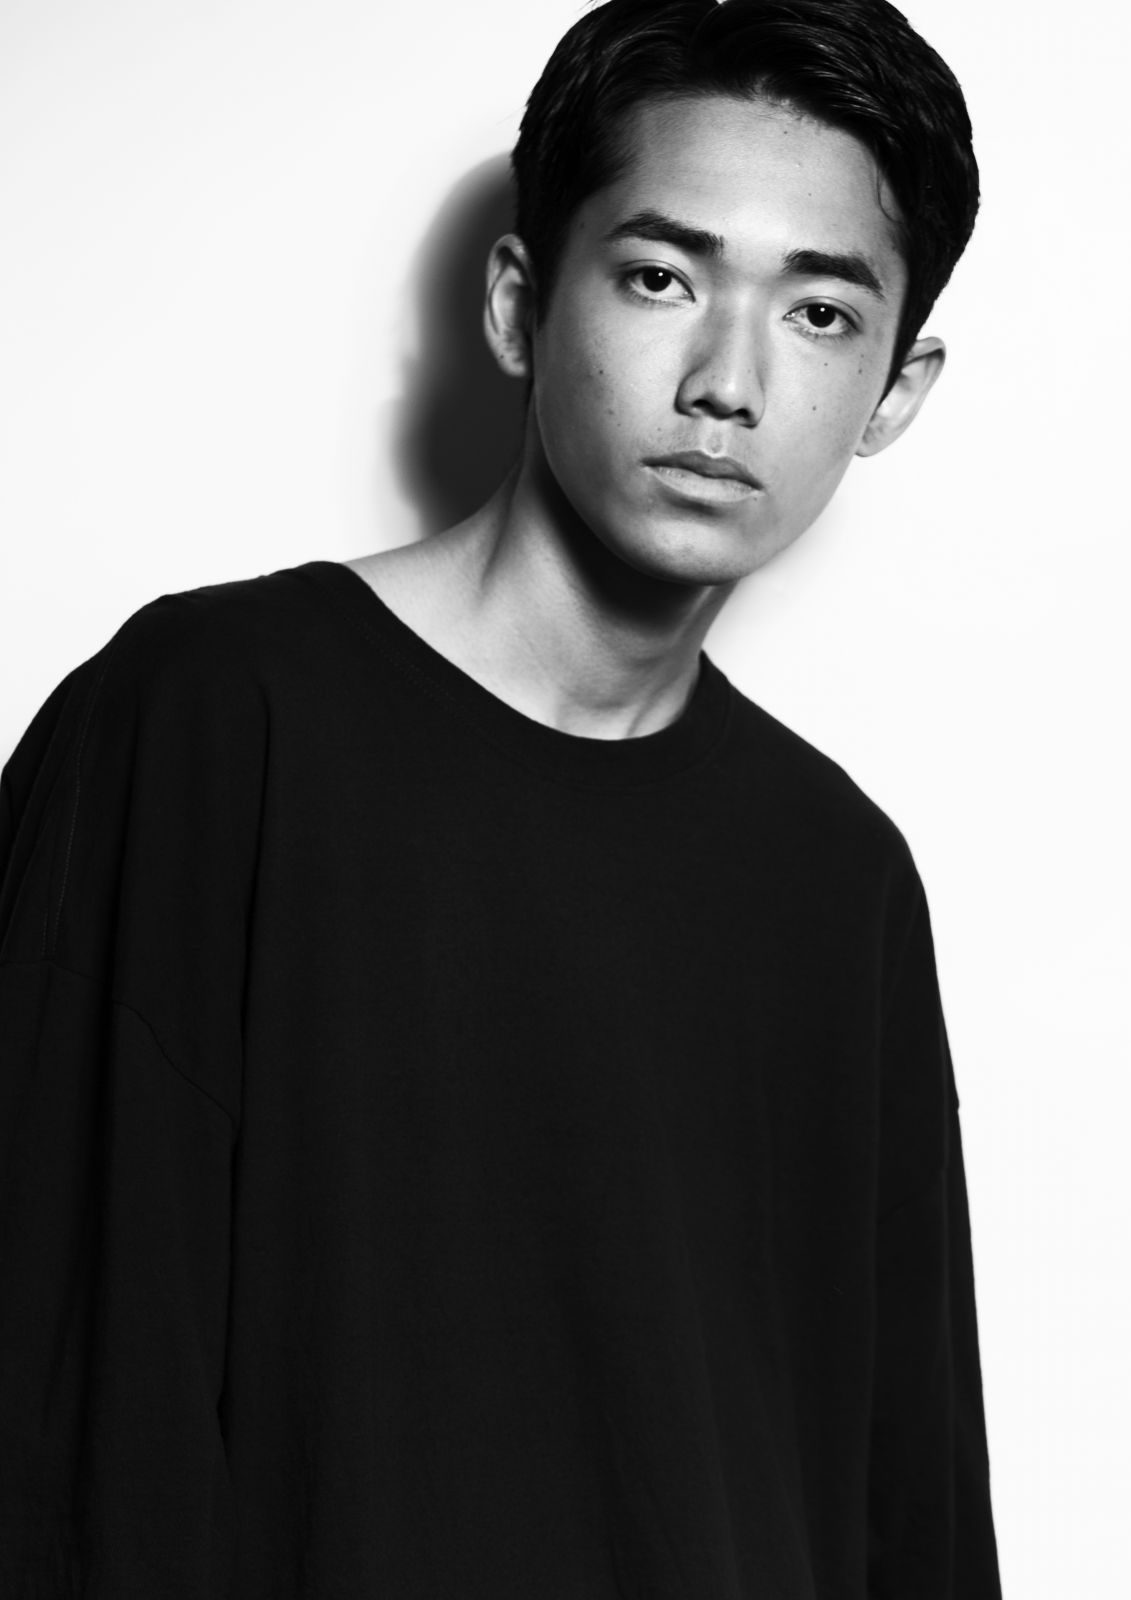 大槻 一波 kazuha otsuki model agency friday